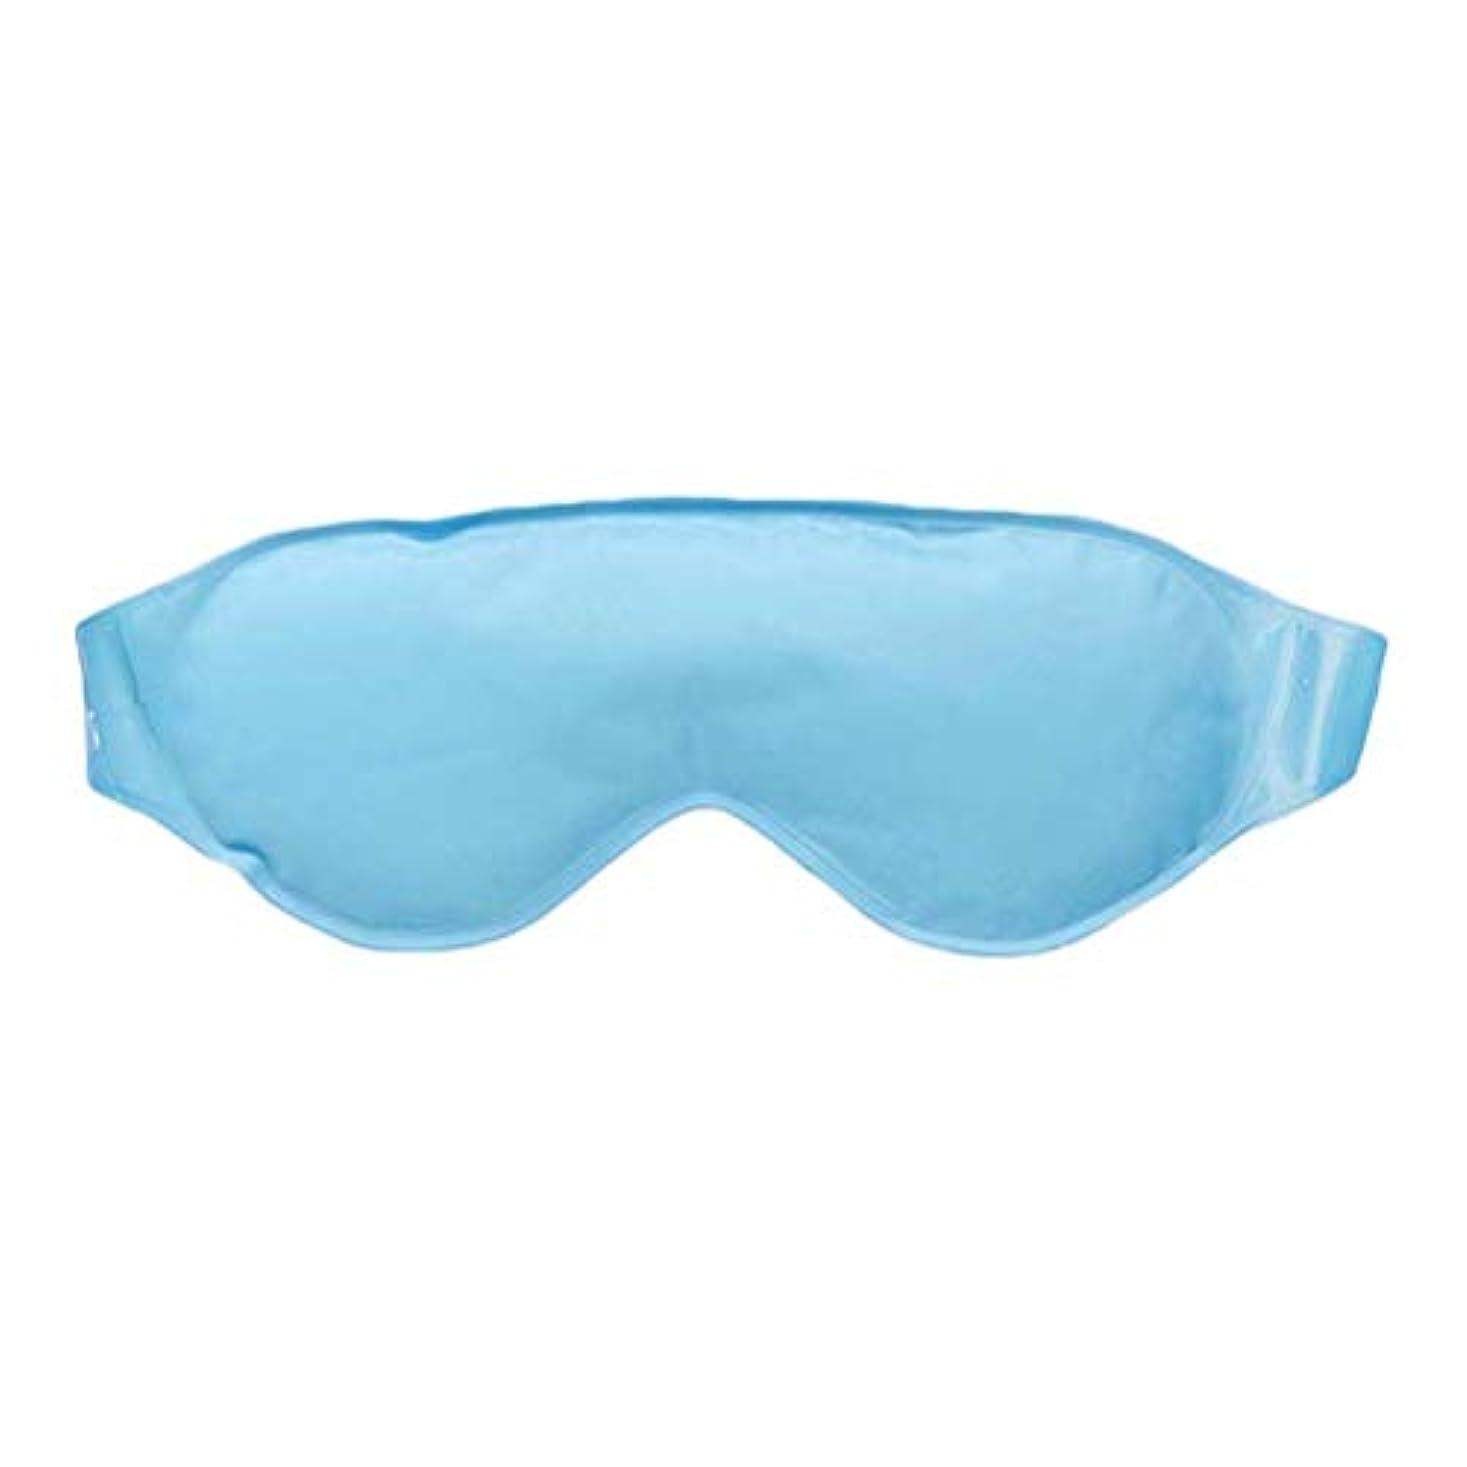 追い出す鮫ポイントSUPVOX アイスフェイス物理的冷却アイマスクアイスコンプレッションバッグアイレリーフマスク(ブルー)